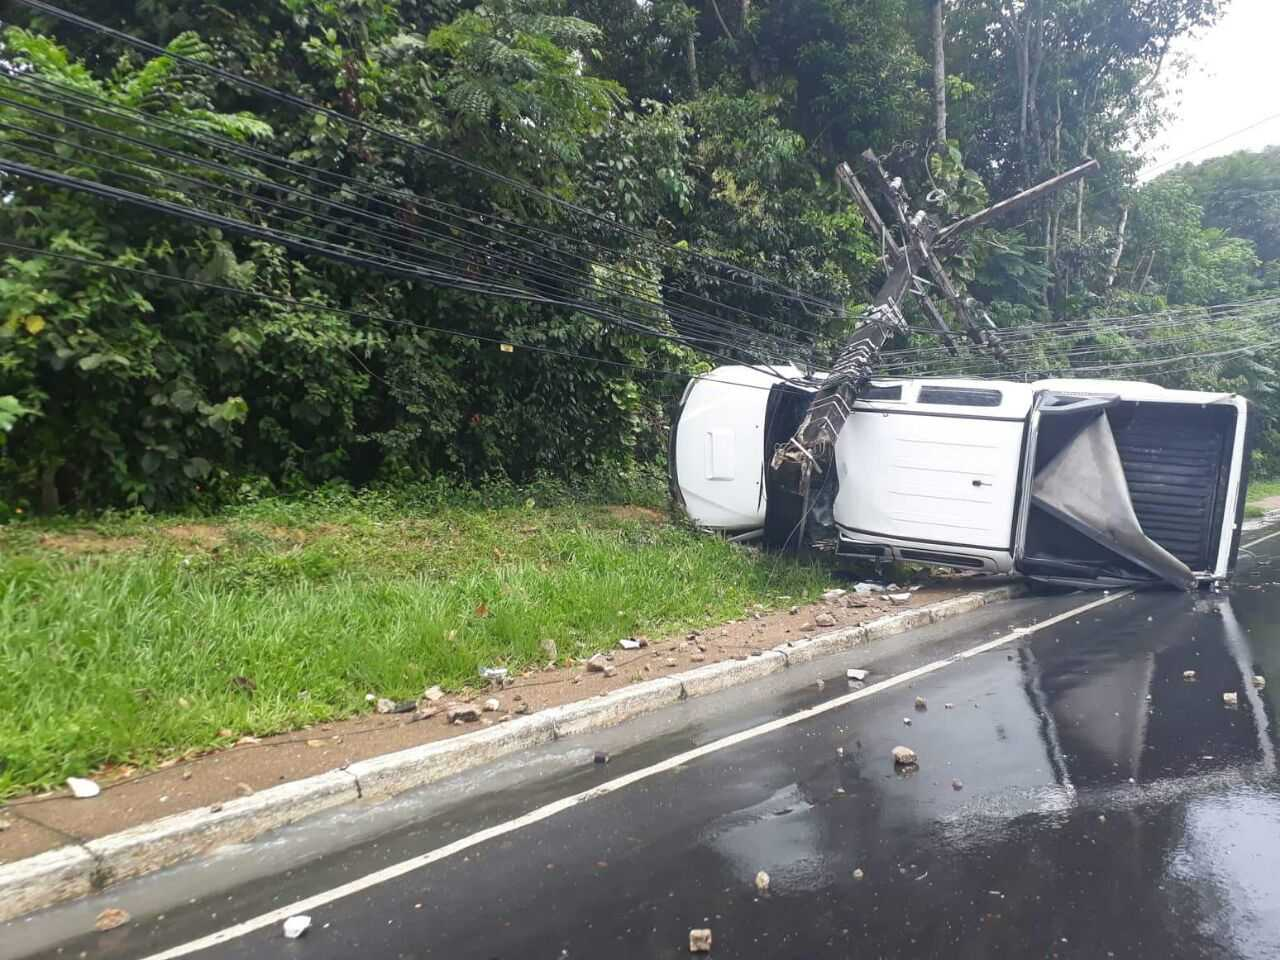 Carro capota durante acidente na Avenida do Turismo em Manaus 1